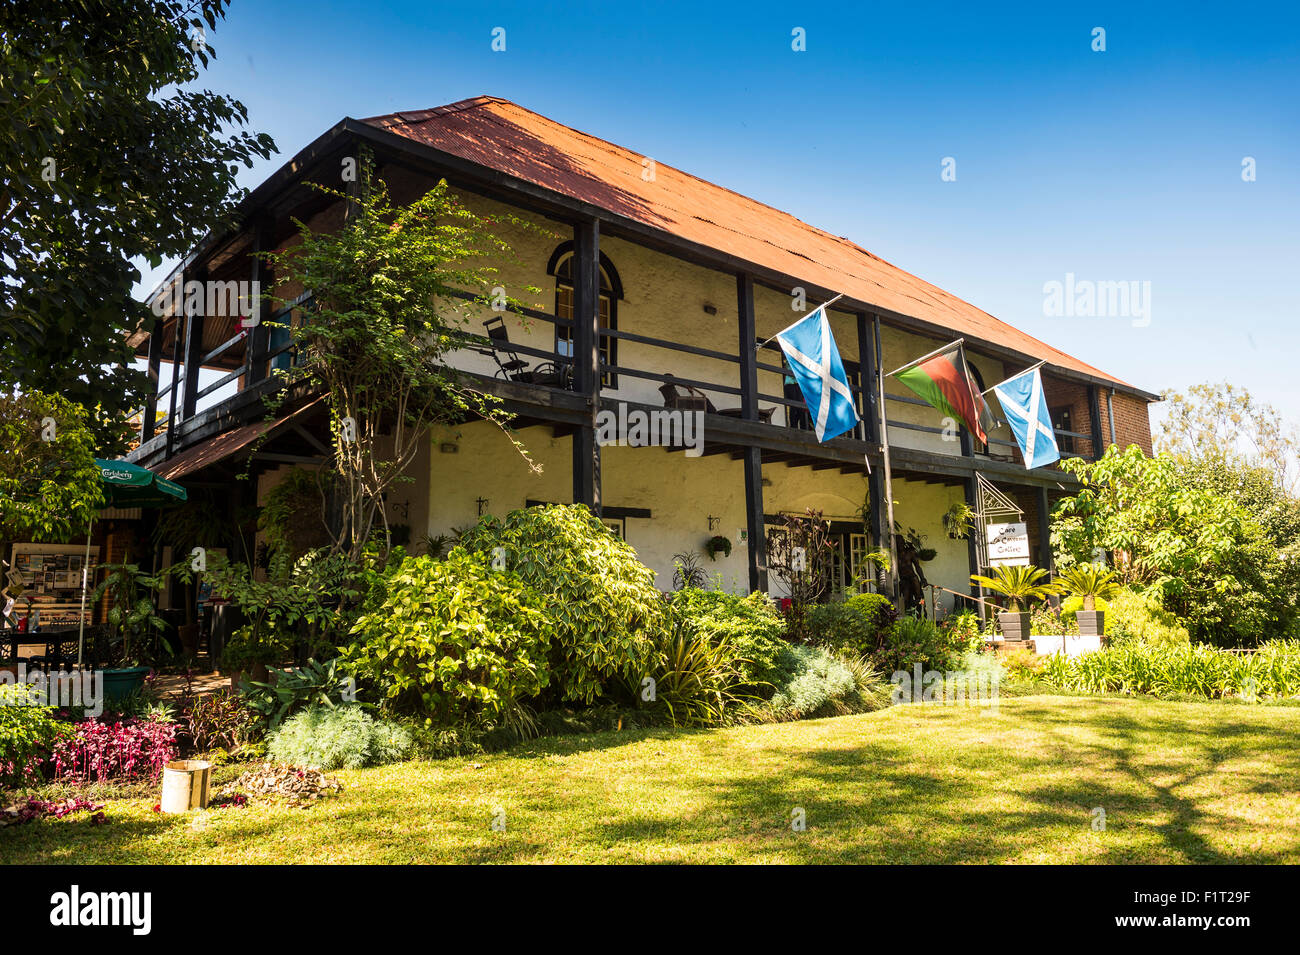 Historique La Maison de Mandala, Blantyre, Malawi, Afrique Banque D'Images